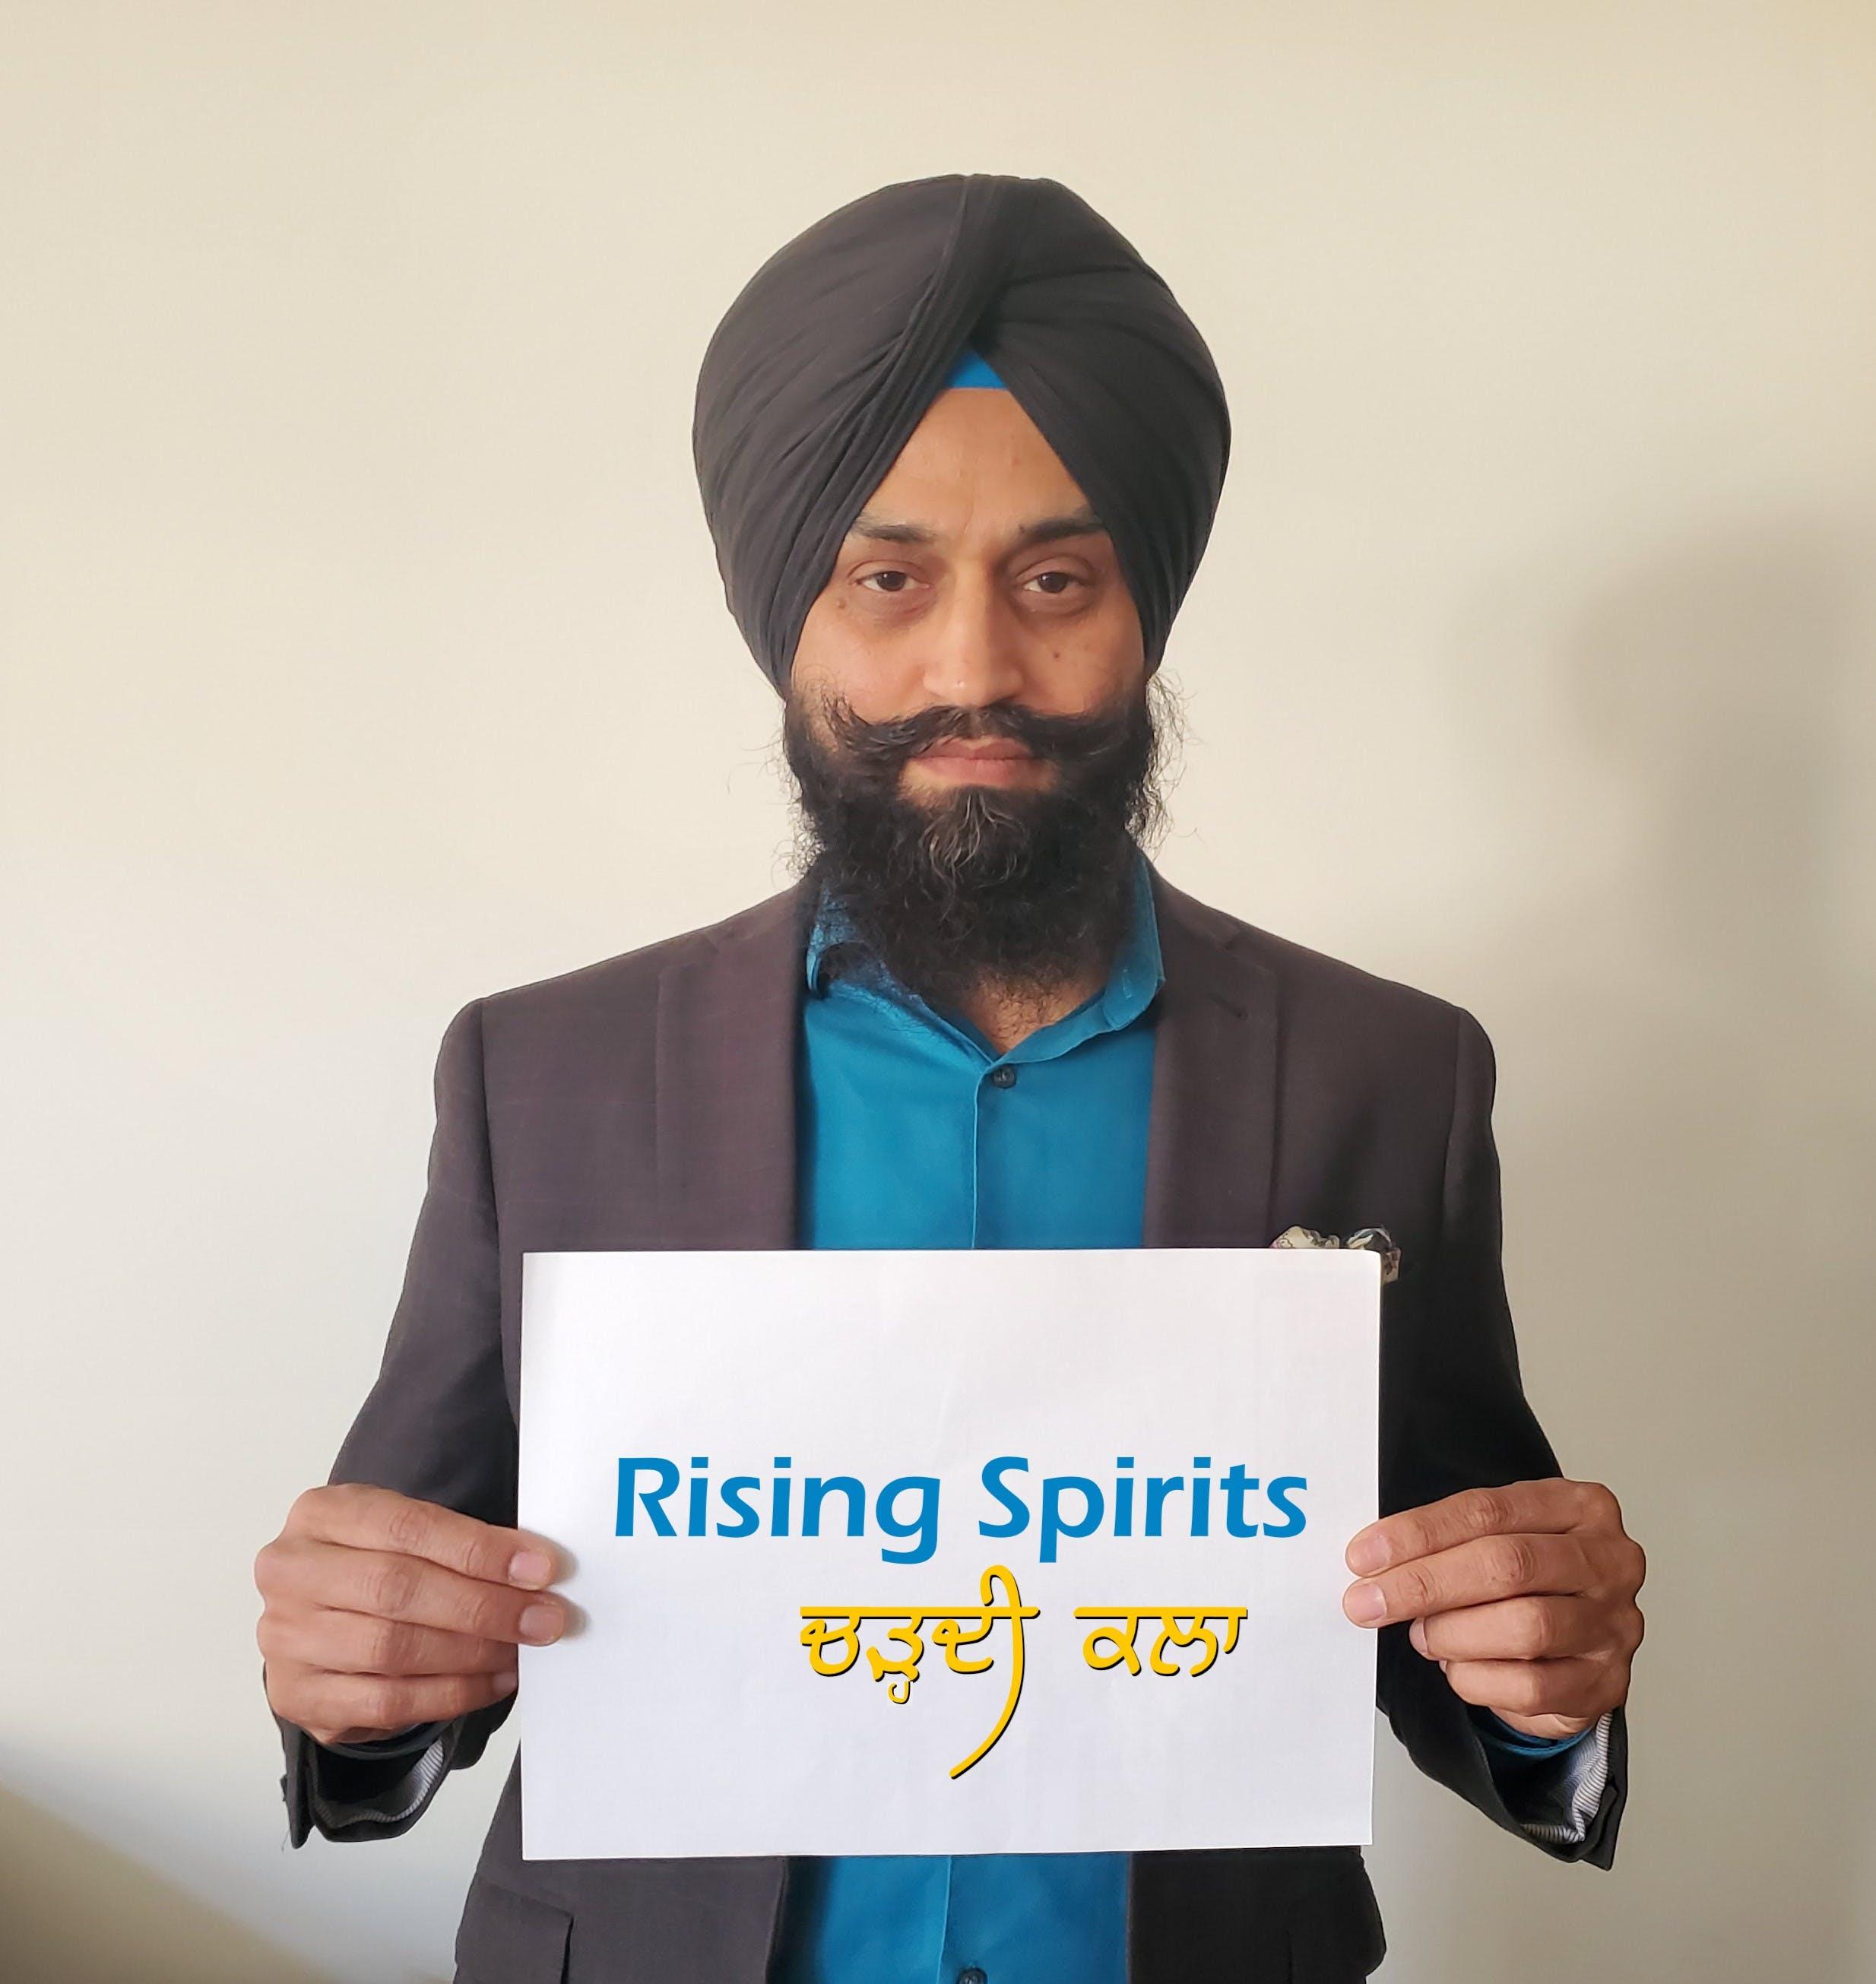 Thanks Rising Spirits!